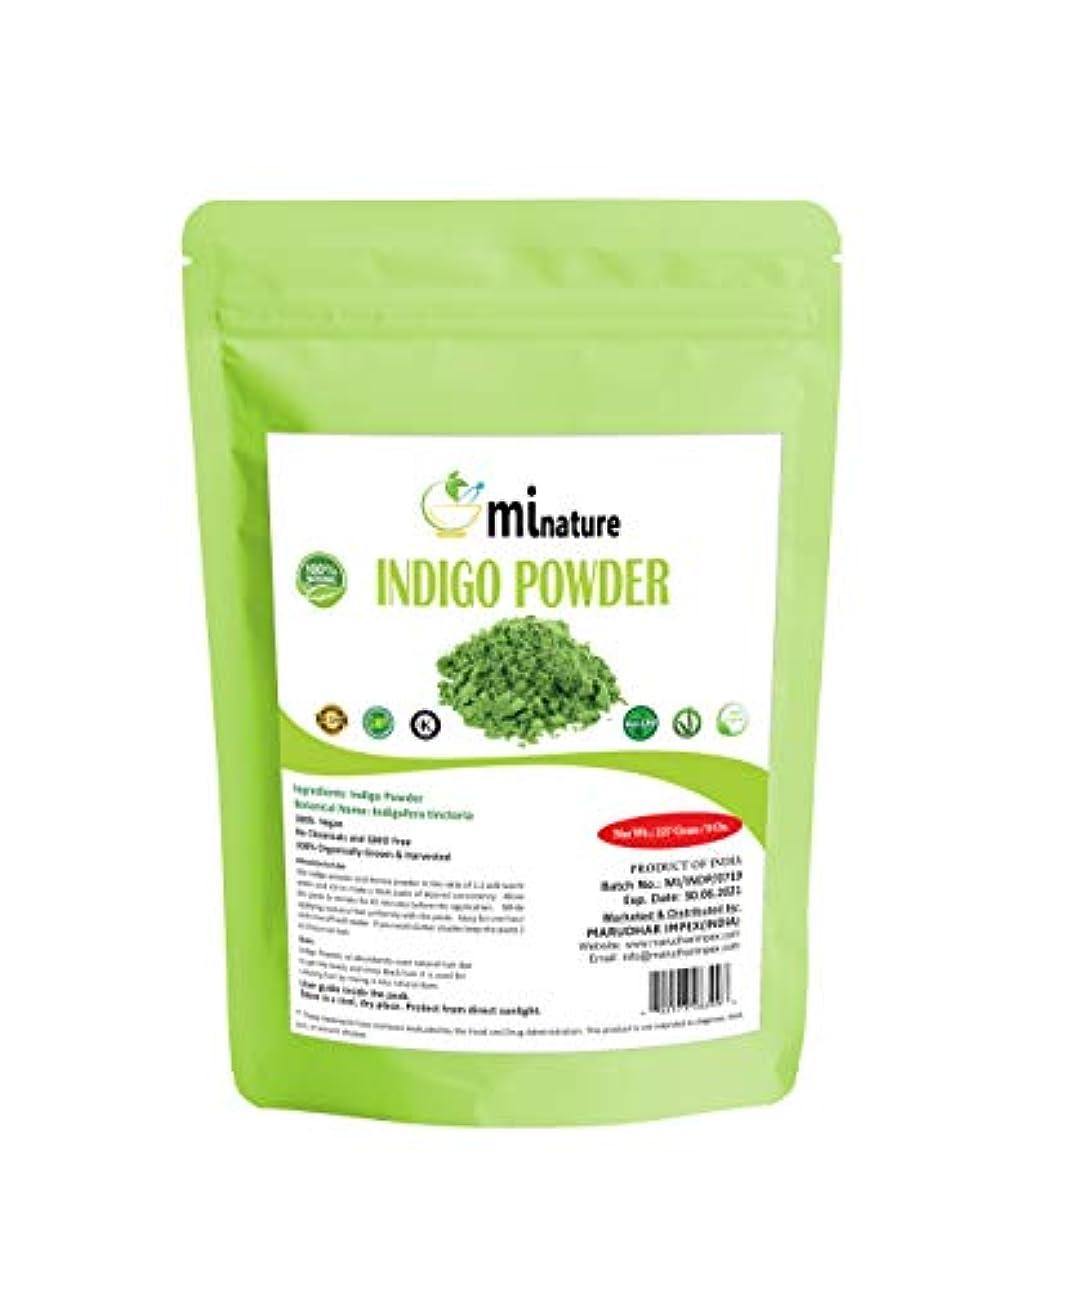 肘掛け椅子織機人間mi nature Indigo Powder -INDIGOFERA TINCTORIA ,(100% NATURAL , ORGANICALLY GROWN ) 1/2 LB (227 grams) RESEALABLE...